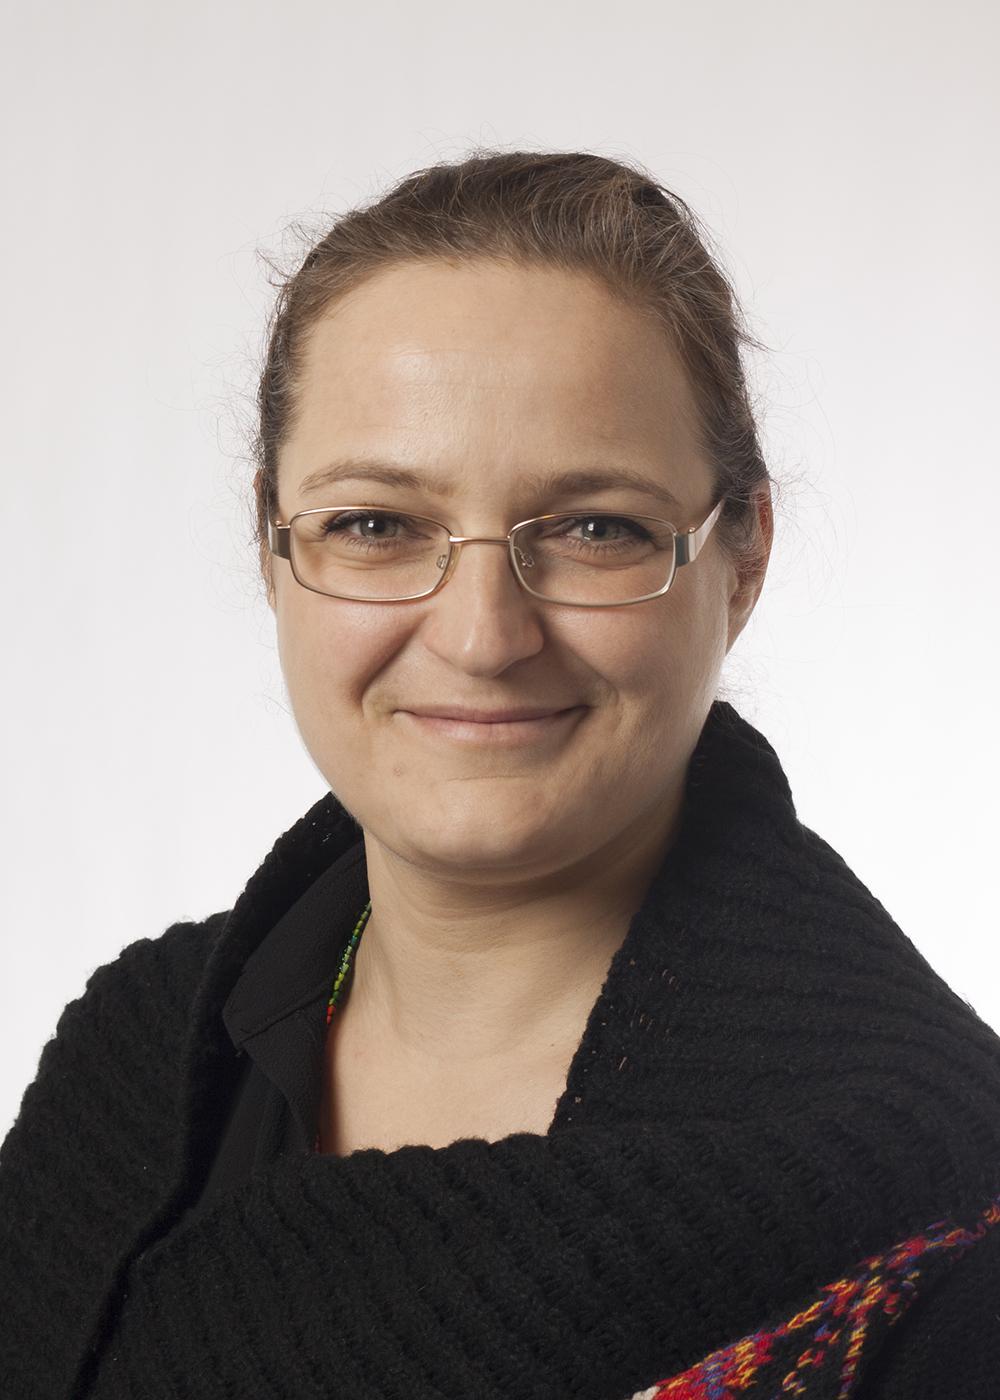 Anna Lorentzen